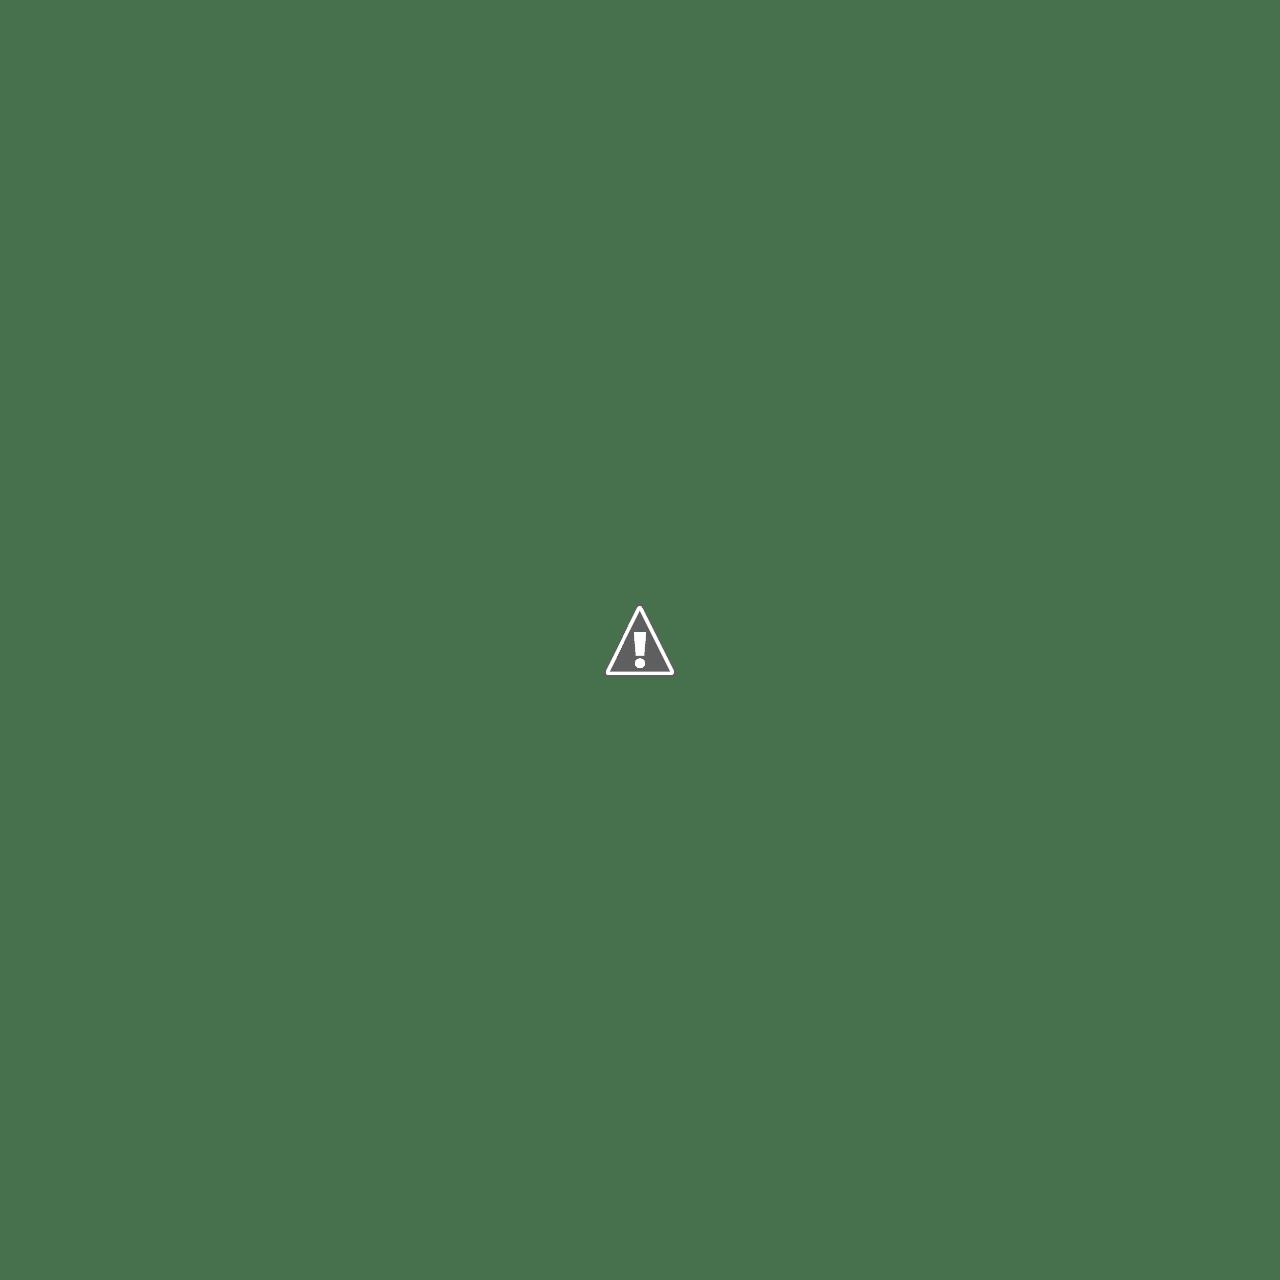 Kadaknath Poultry Farming Institute Bihar - Corporate Office